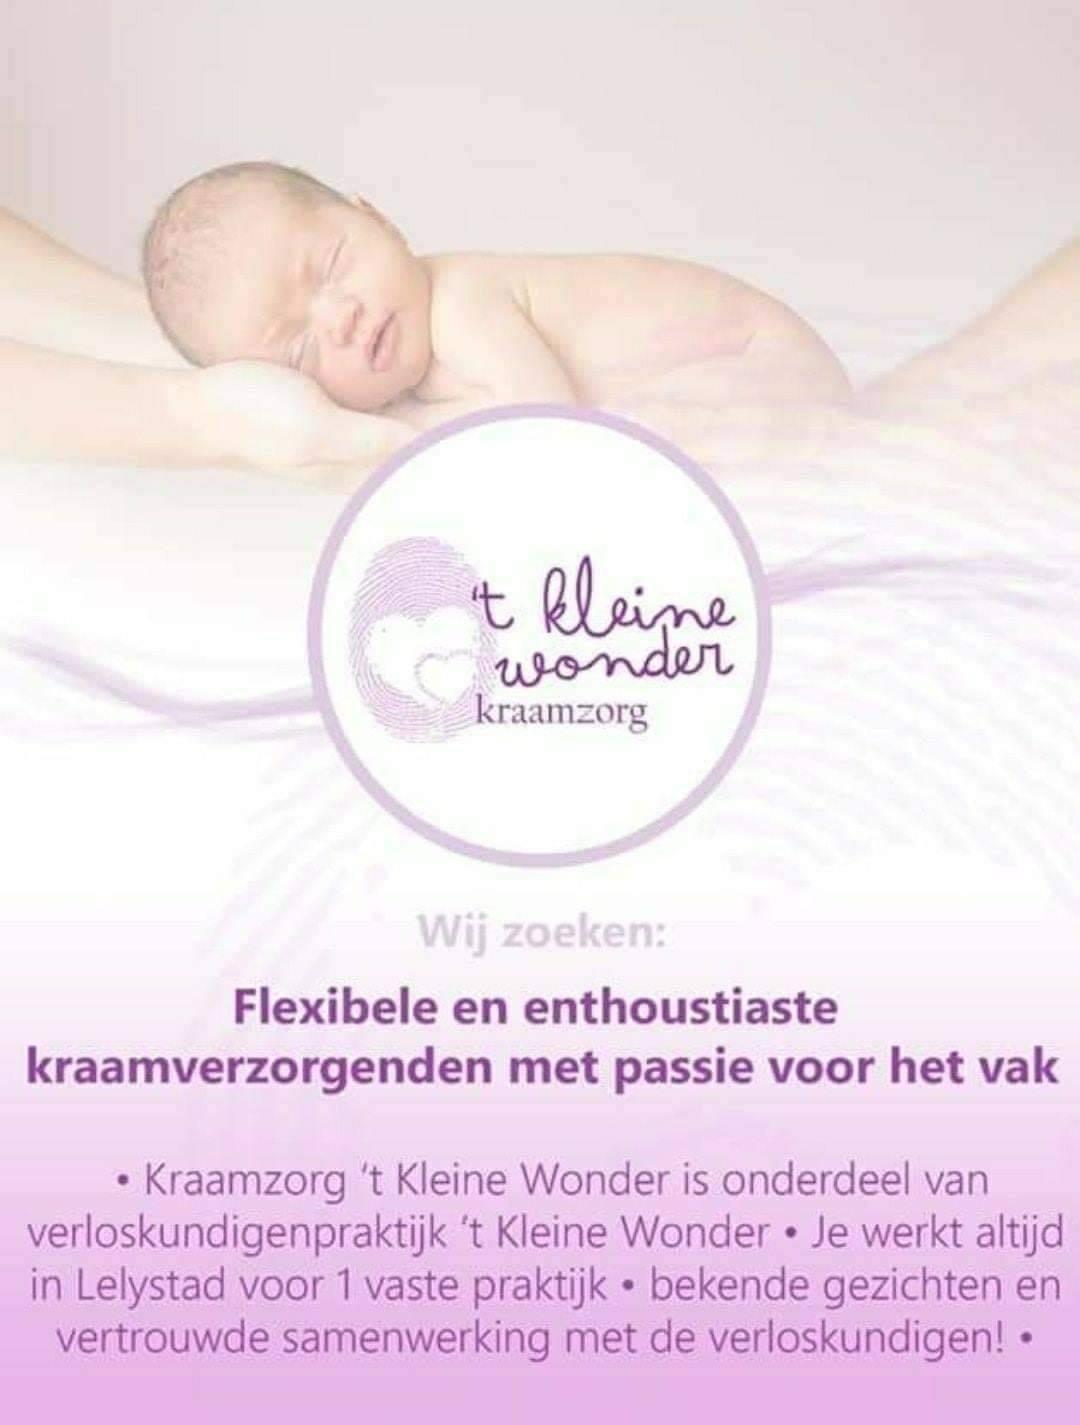 Vacature Kraamzorg 't Kleine Wonder Lelystad